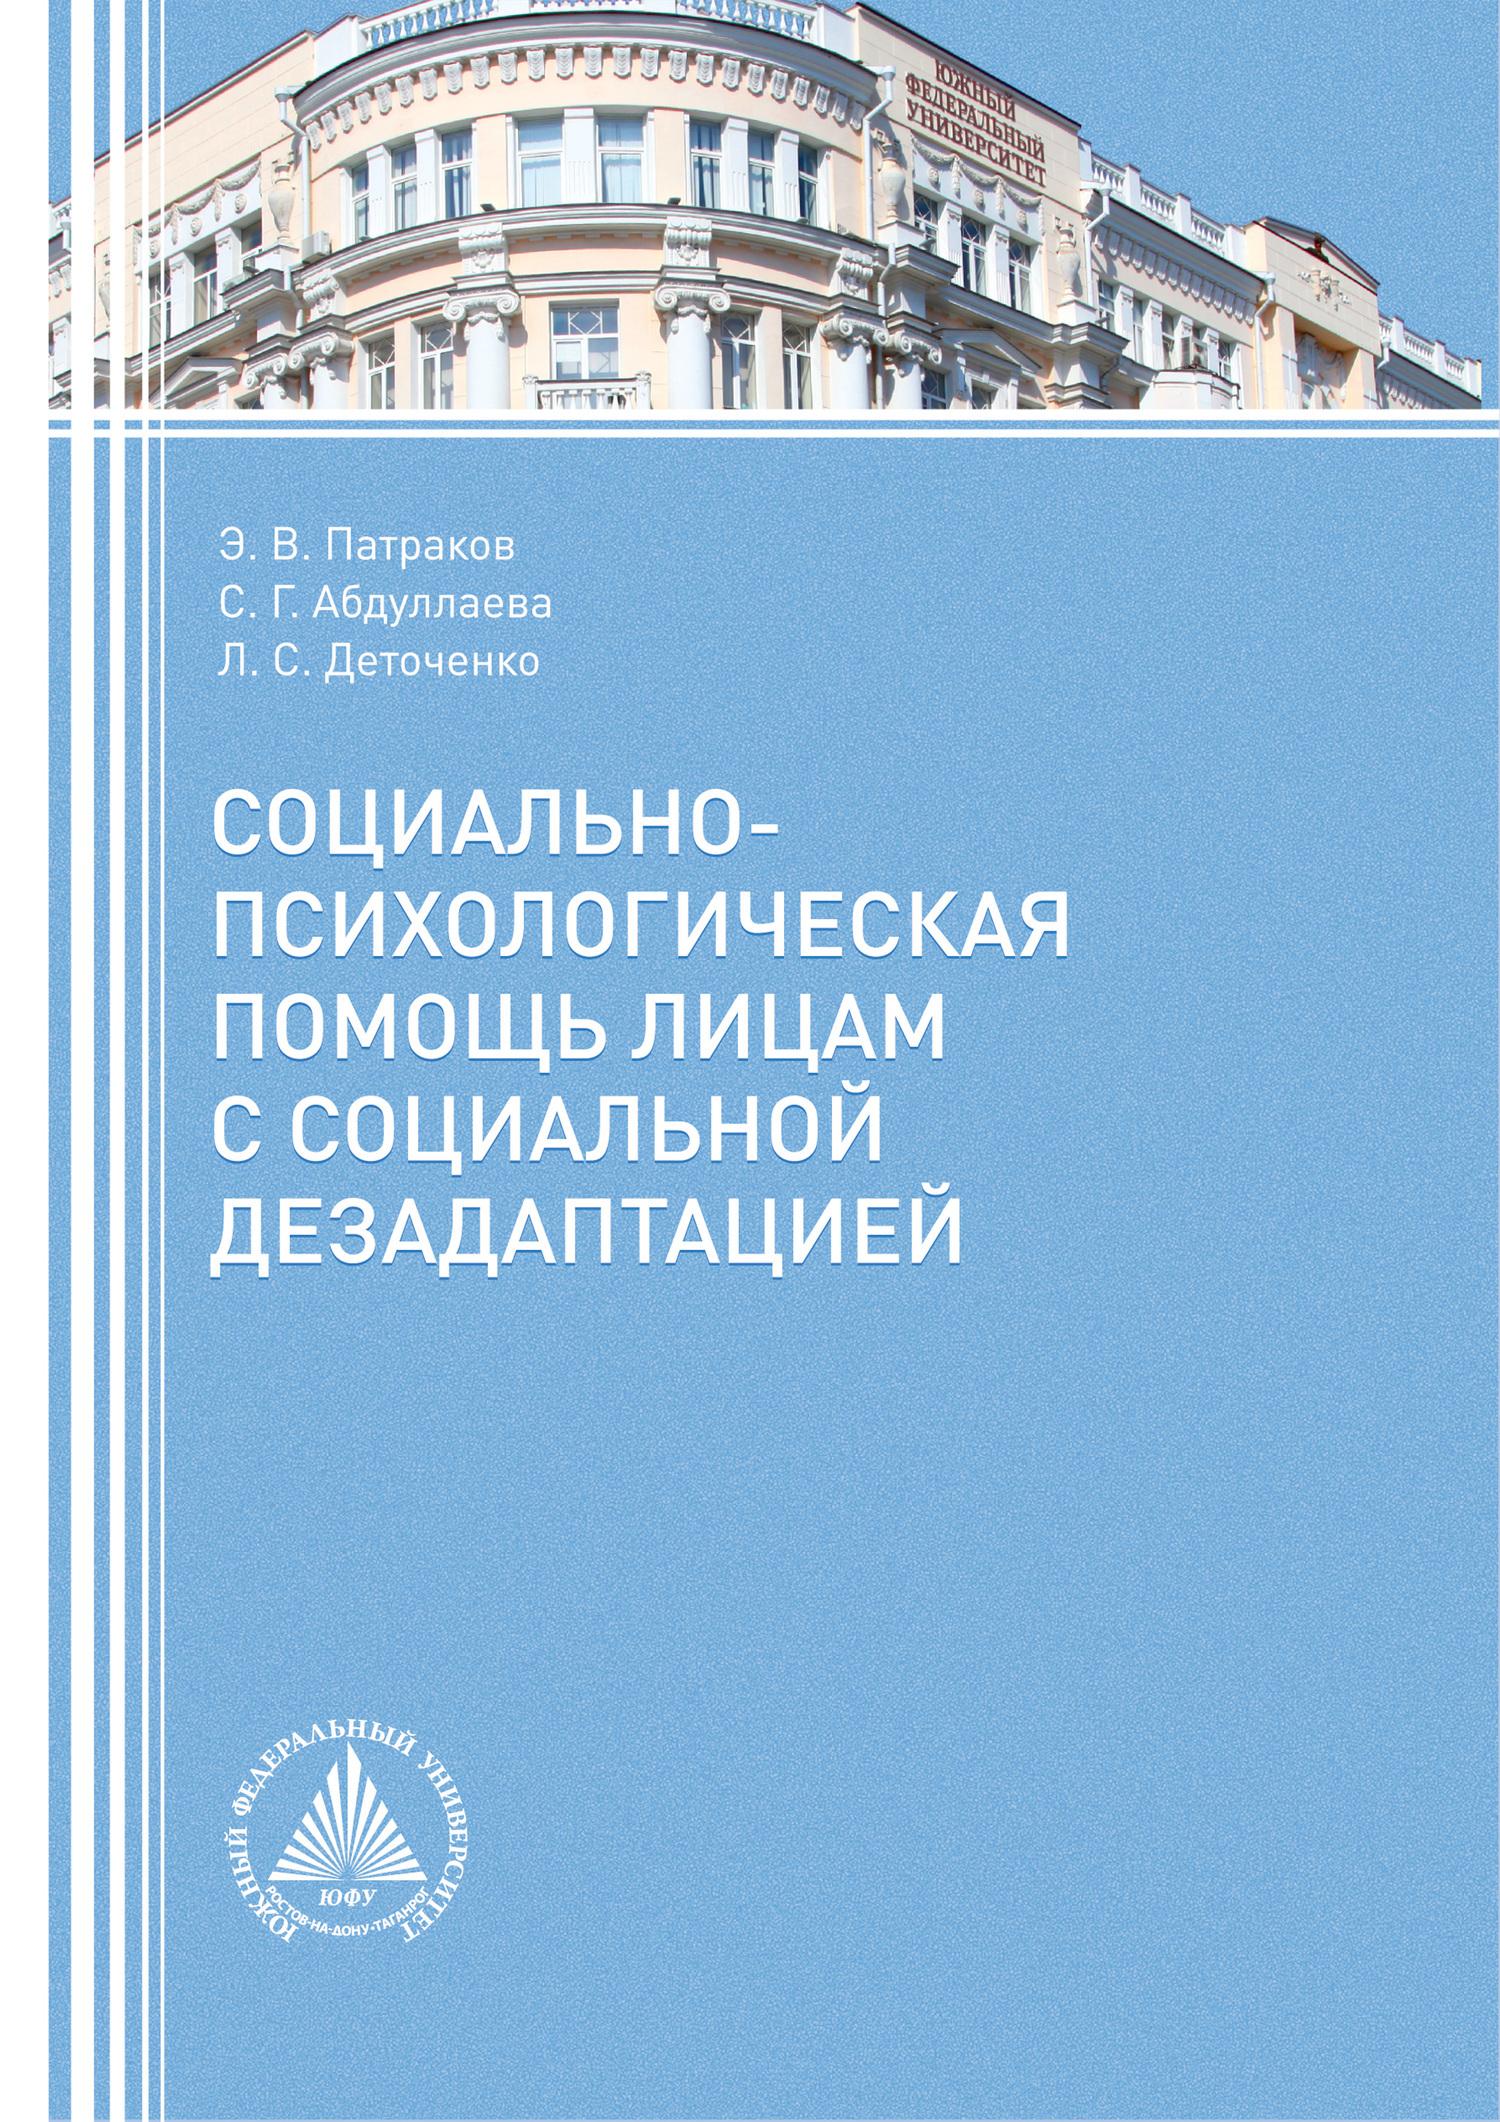 купить Э. В. Патраков Социально-психологическая помощь лицам с социальной дезадаптацией по цене 216 рублей